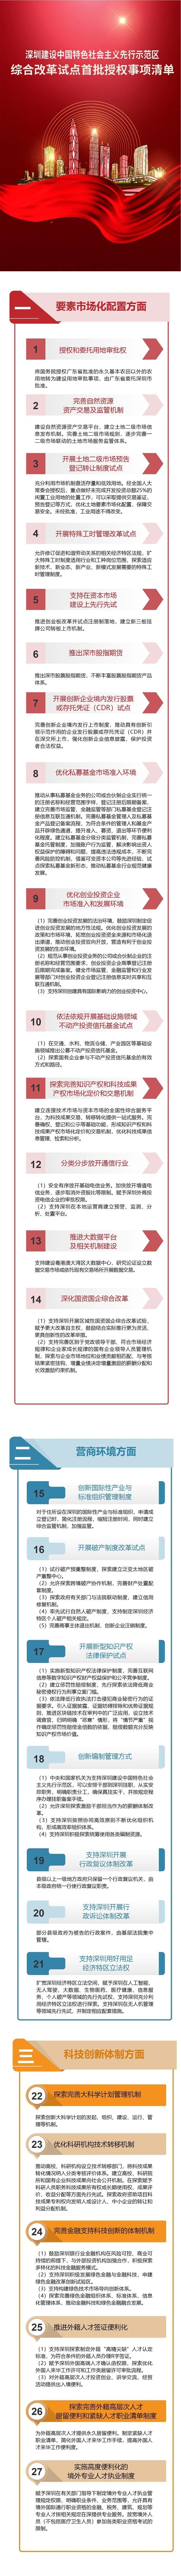 深圳40条授权事项清单迅速发布:释放哪些信号 利好哪些股图片